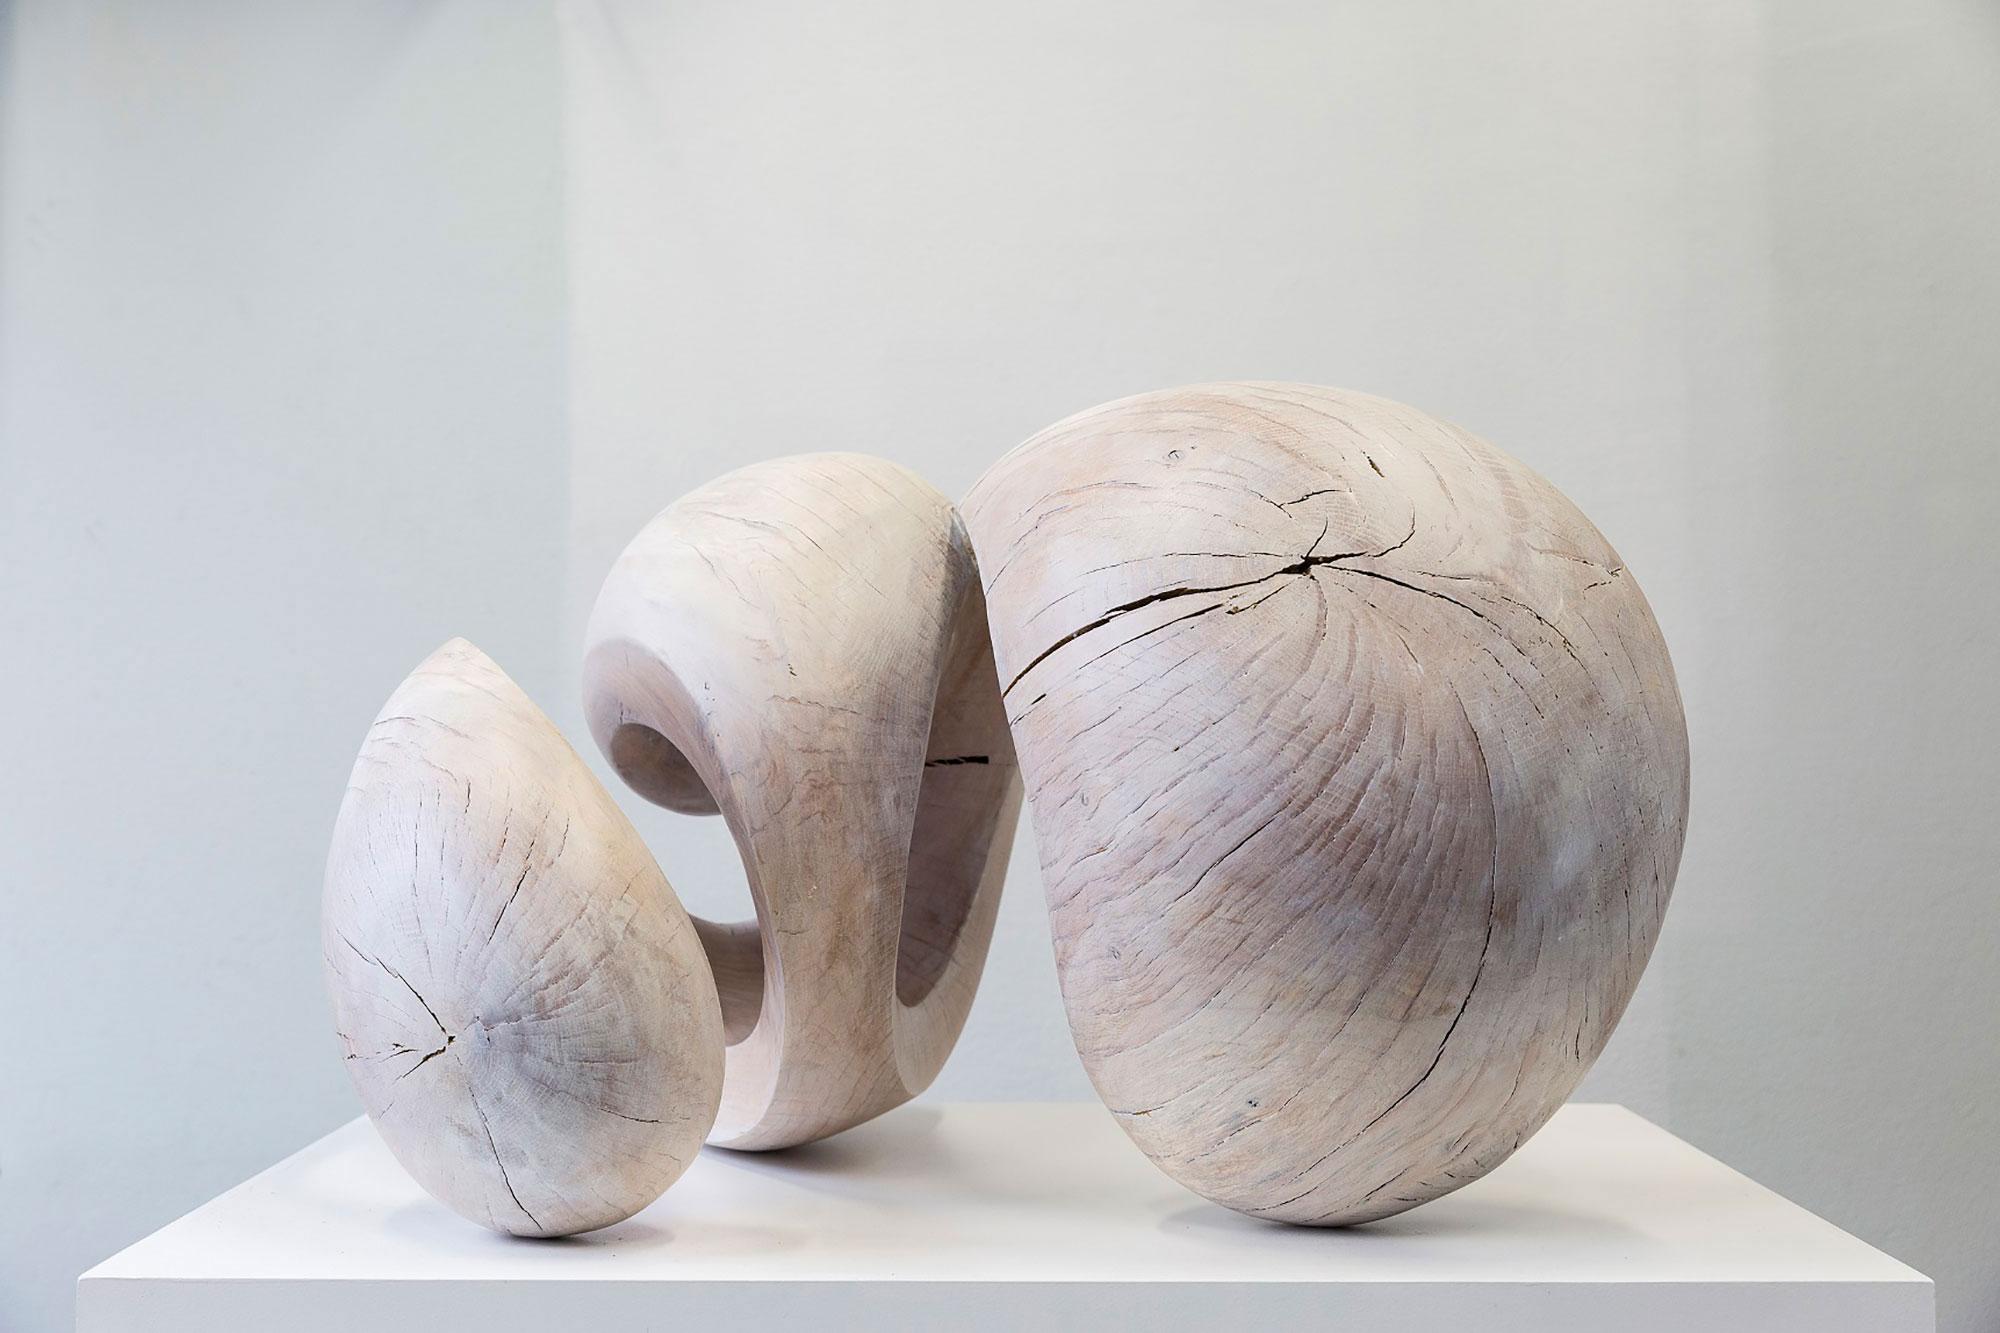 Eichenholzskulptur von Yves Rasch